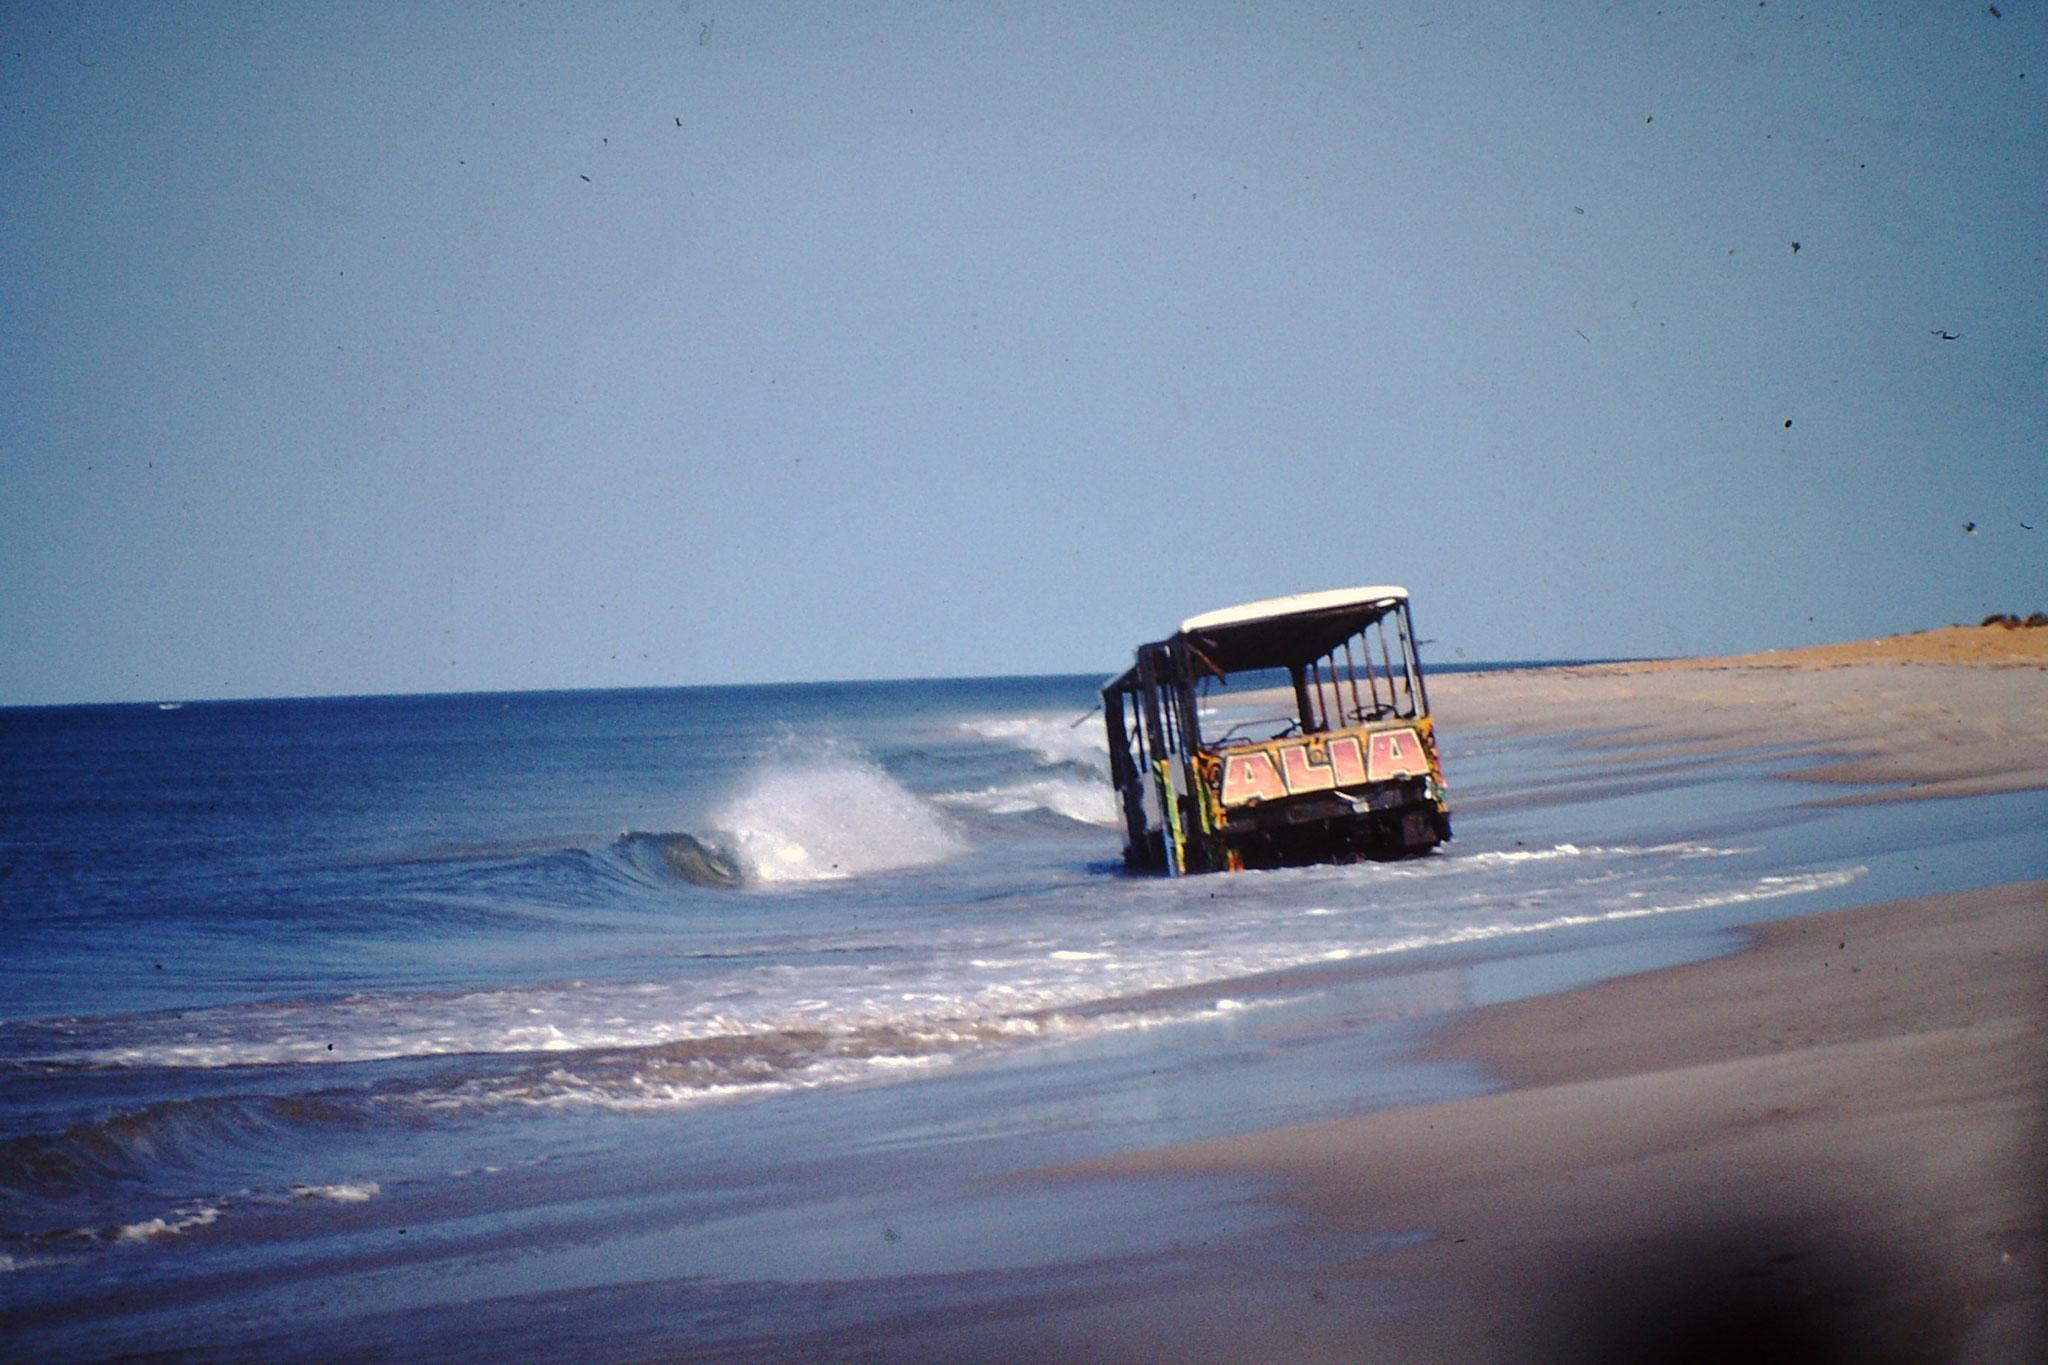 Das Fahren am aufgeweichten Strand ist nicht ganz ohne. Eine Welle und die weiterfahrt steht auf der Kippe.